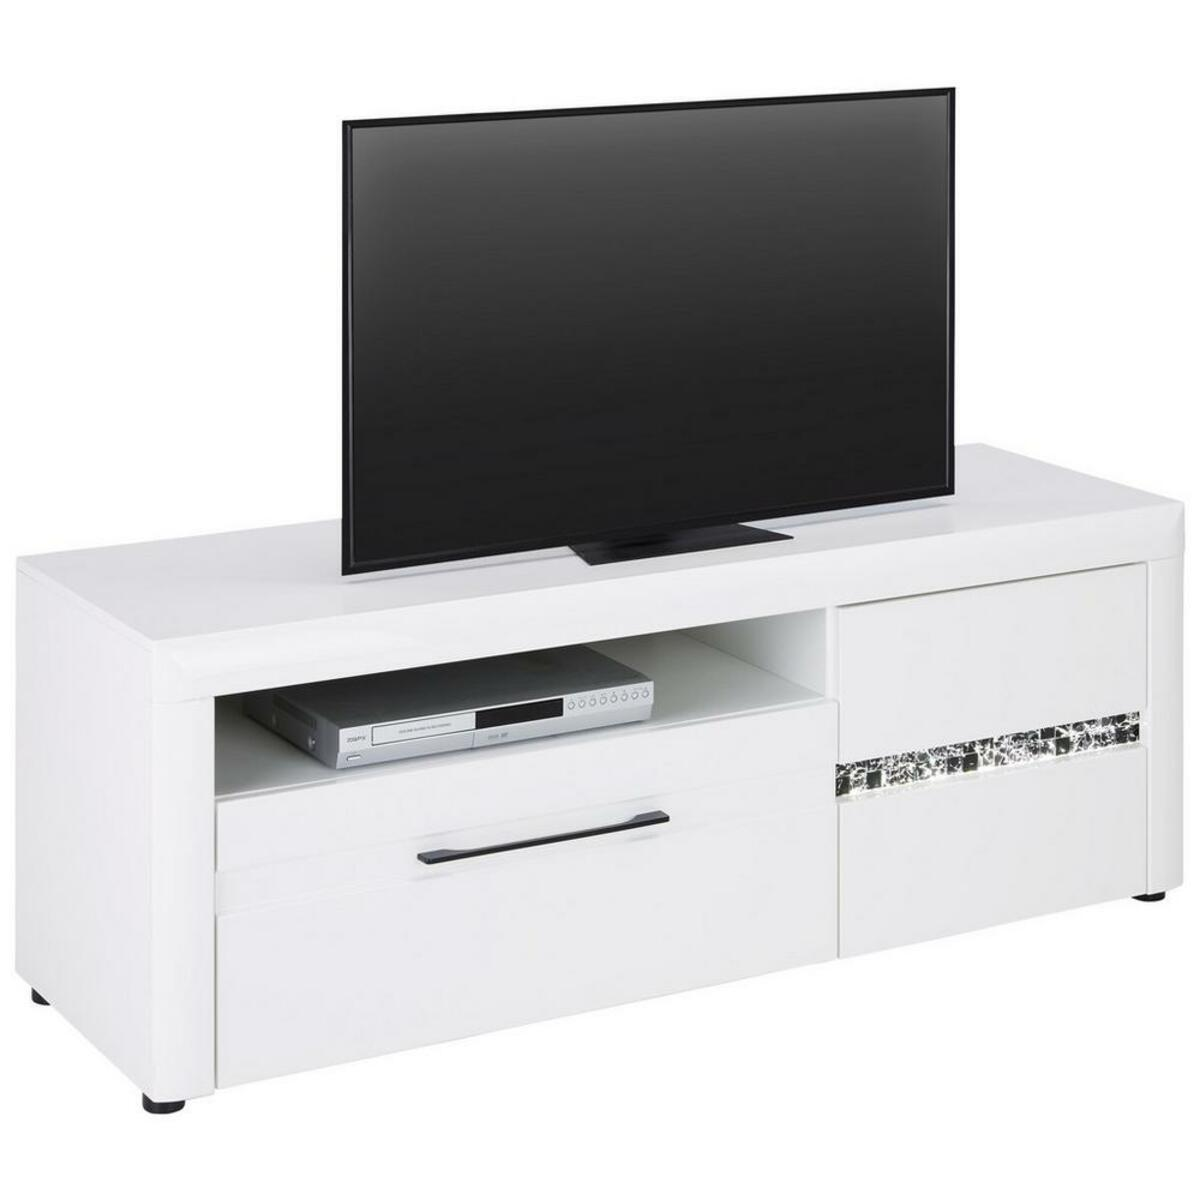 Bild 2 von TV-Element in Weiß Hochglanz